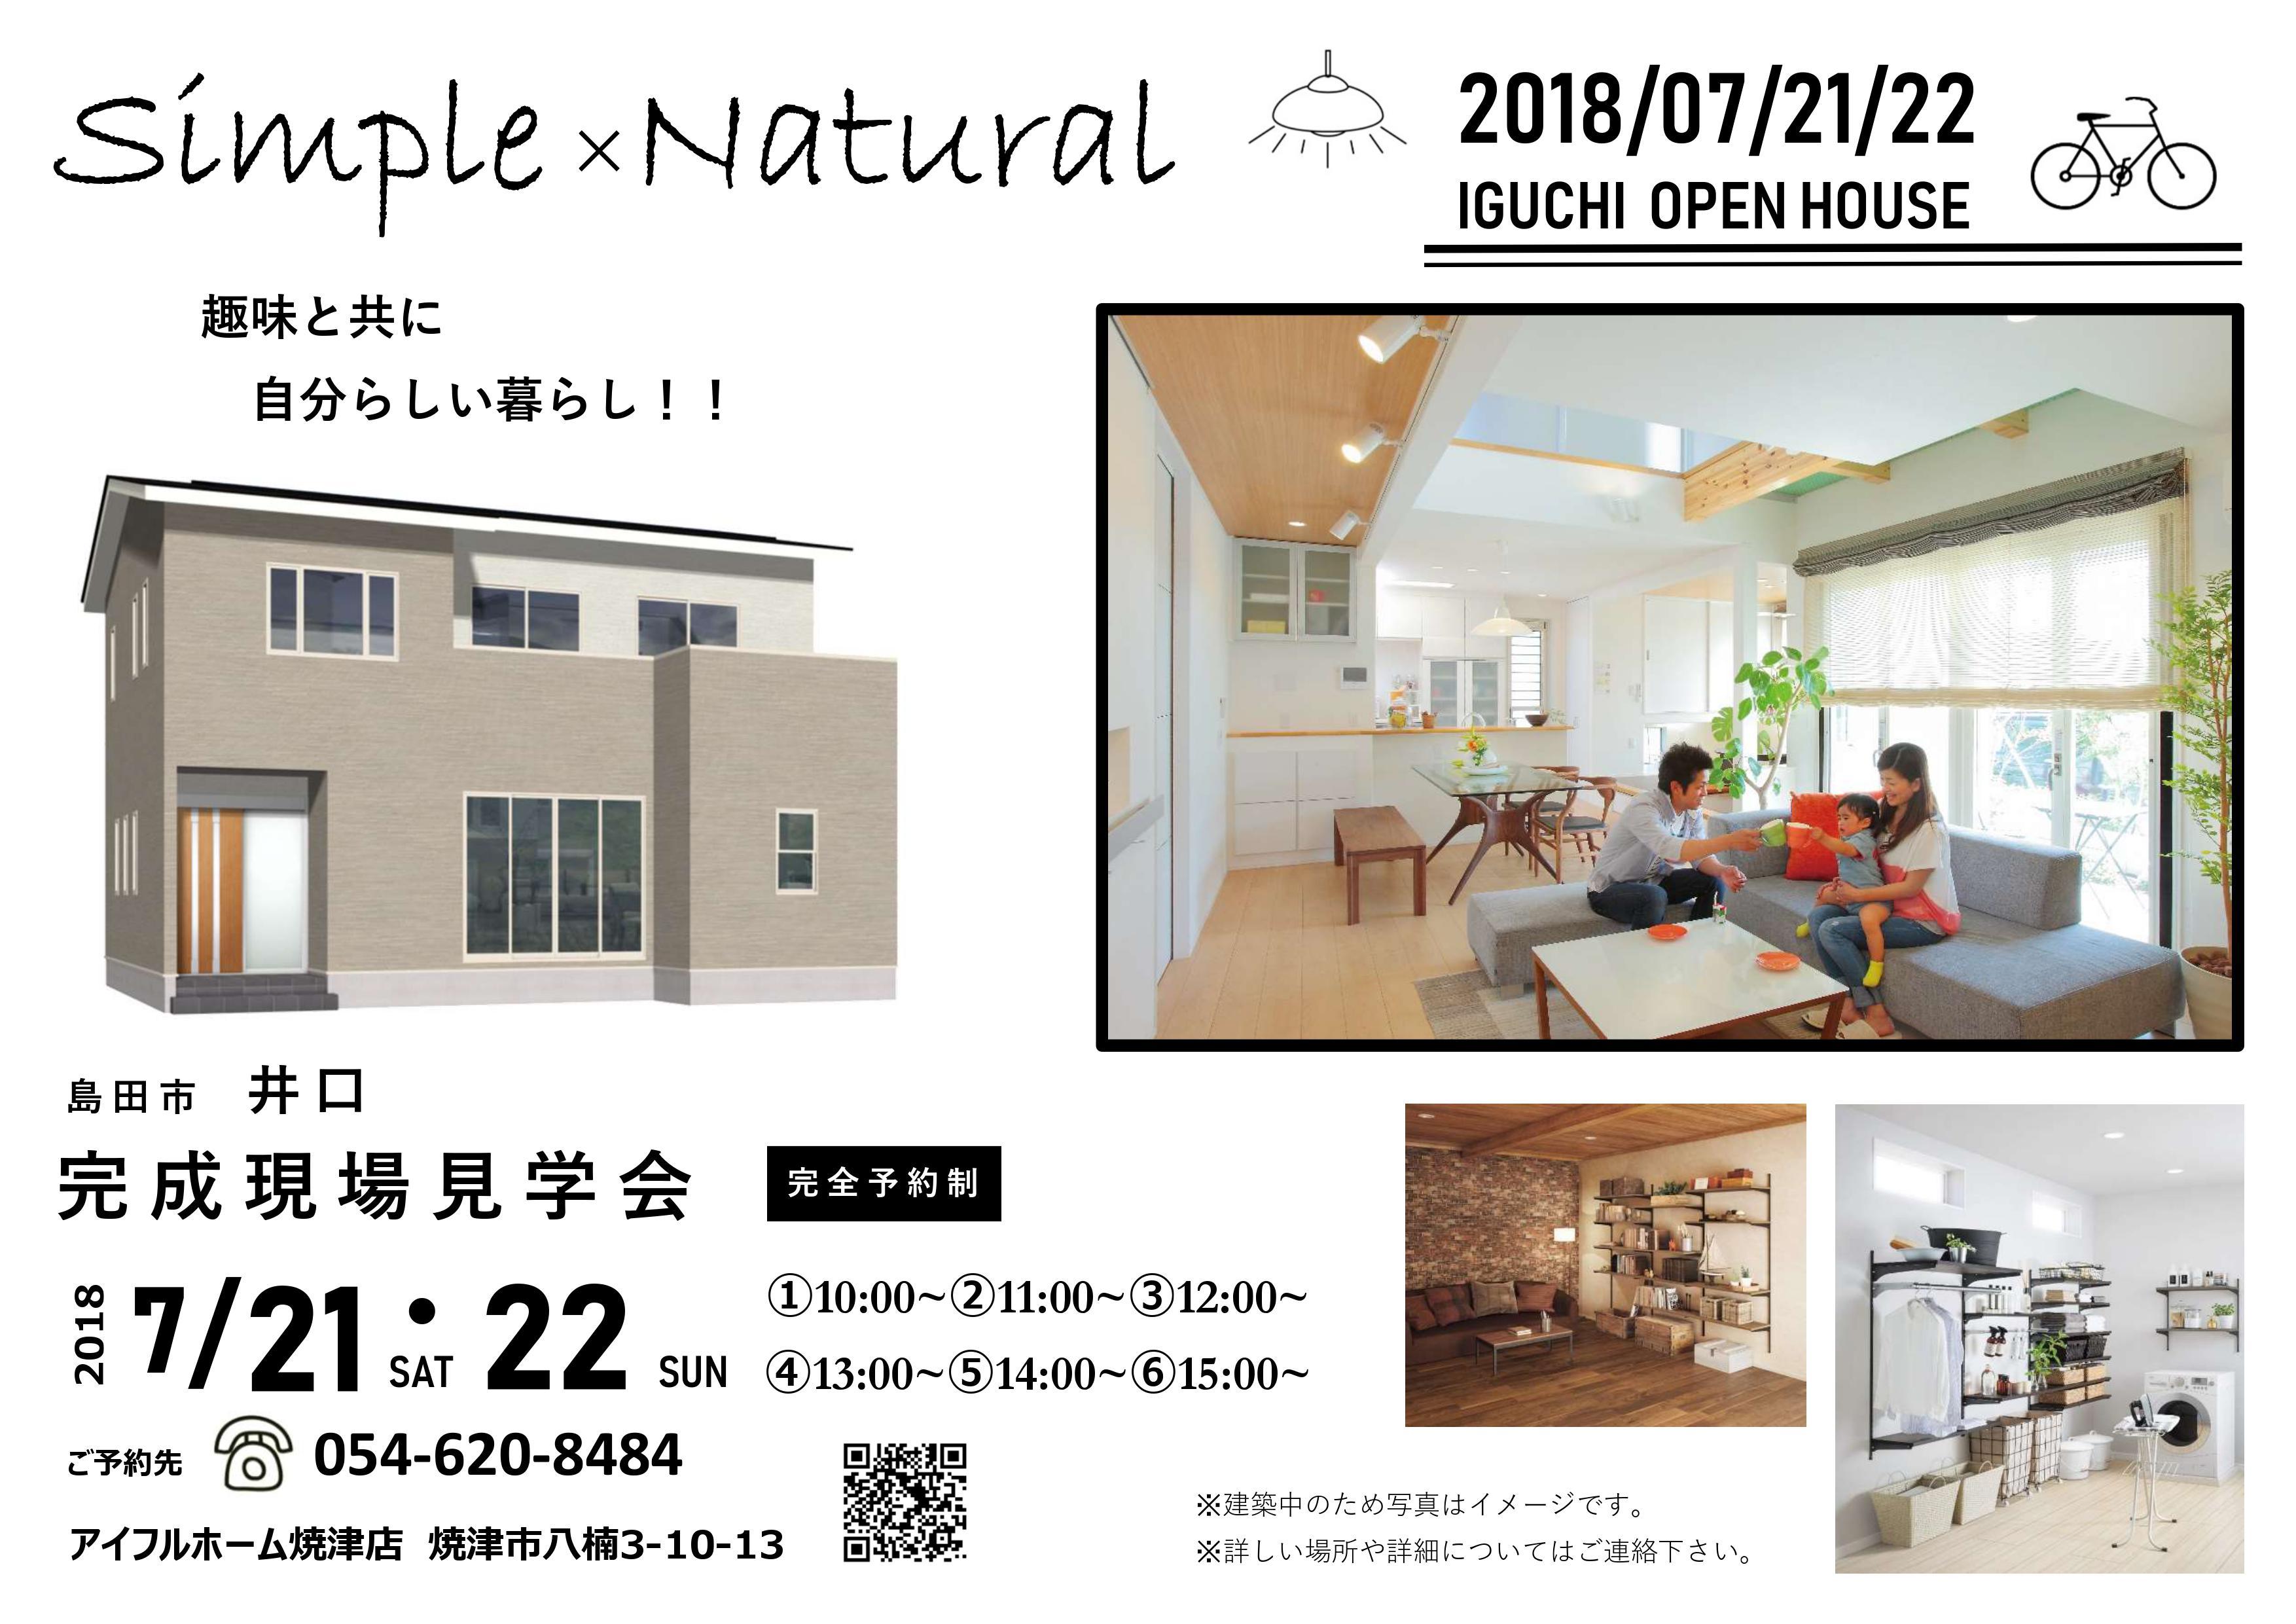 【予約制】完成現場見学会7/21,7/22